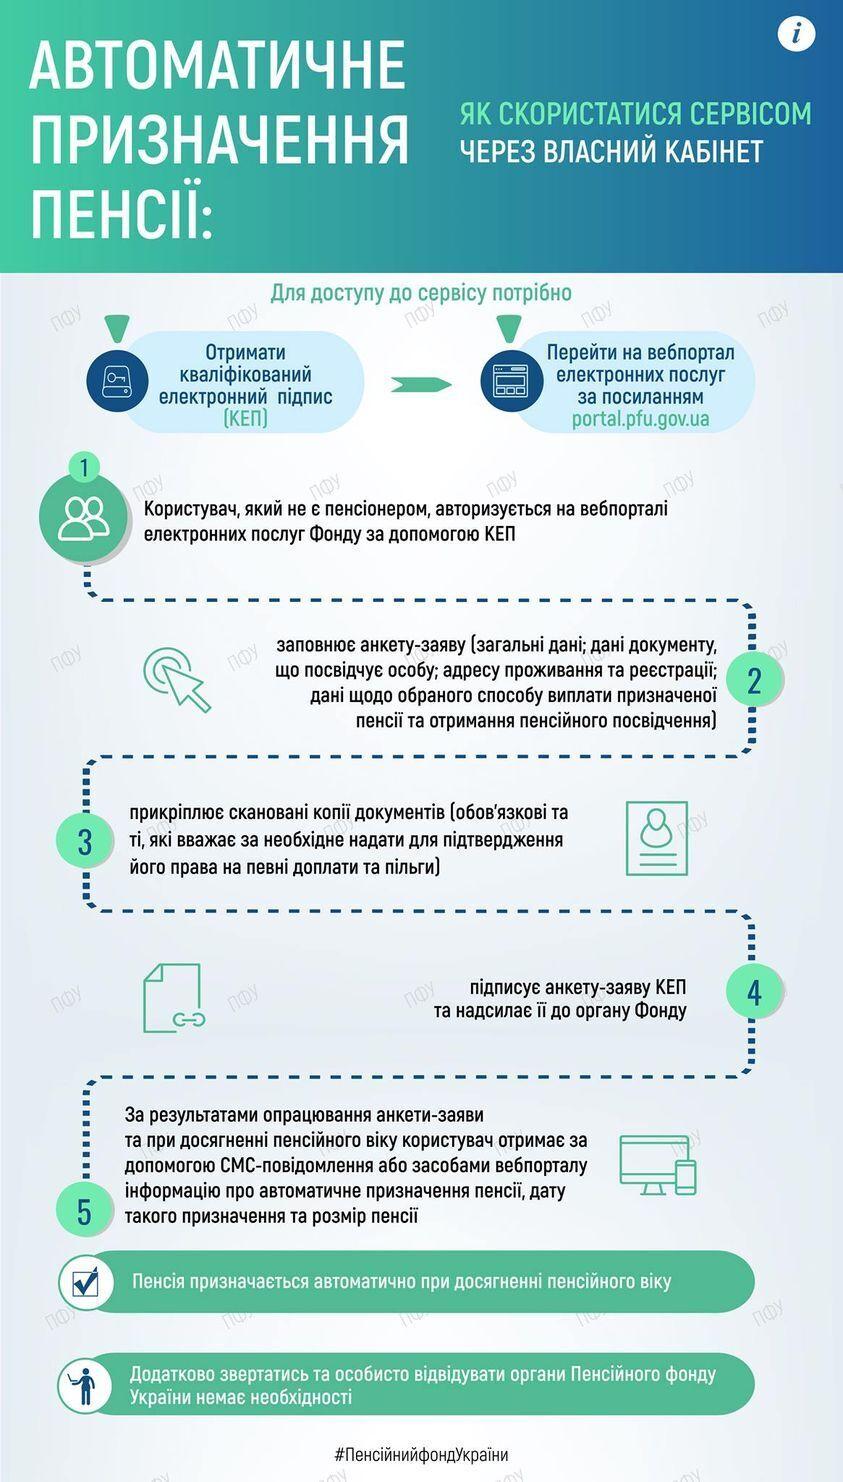 Пенсії українцям можуть призначати автоматично: опубліковано інструкцію